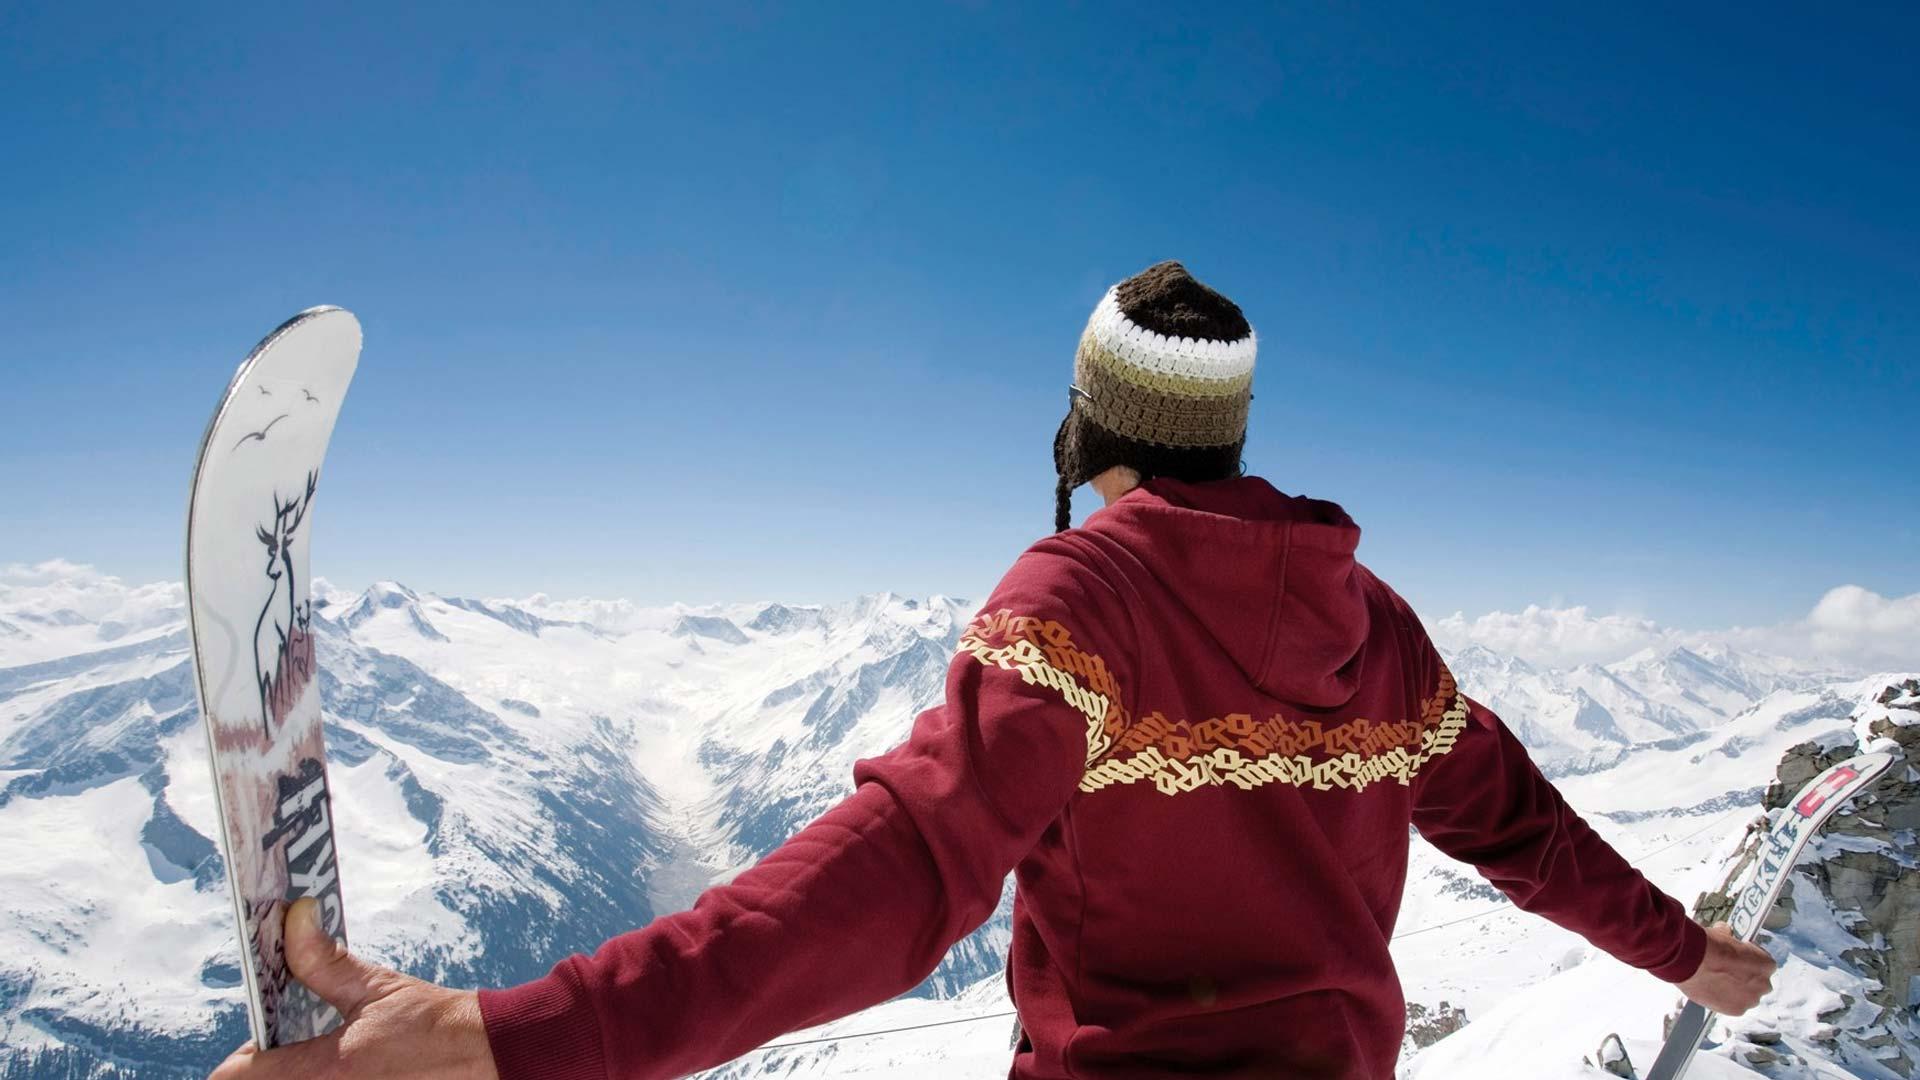 Ragazzo che guarda il panorama di Livigno con gli sci in mano